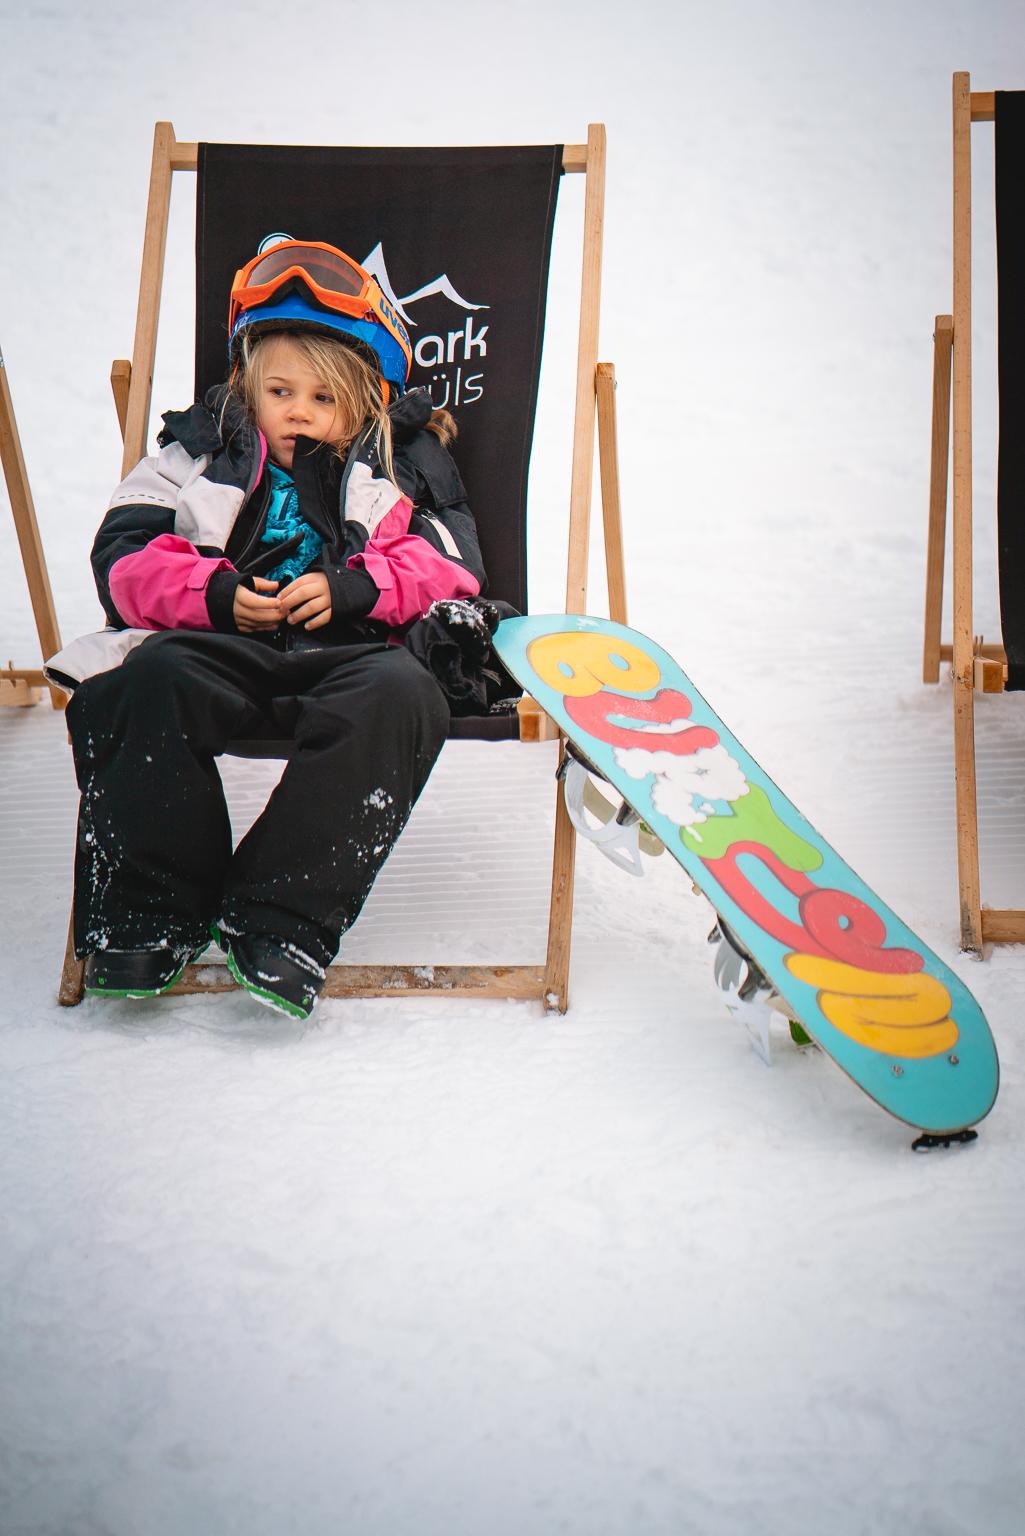 2019-01-27_Kidsday-Damüls-093.jpg